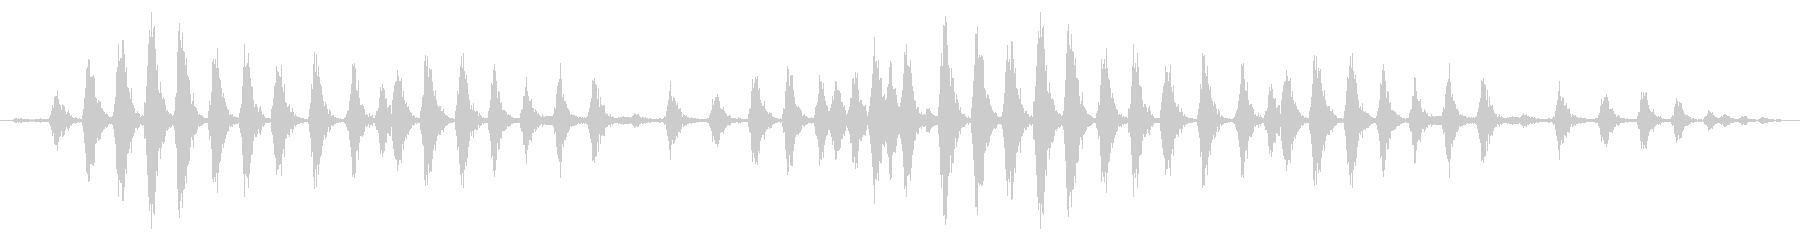 ラージチキンクープ:ヘビークッキングの未再生の波形